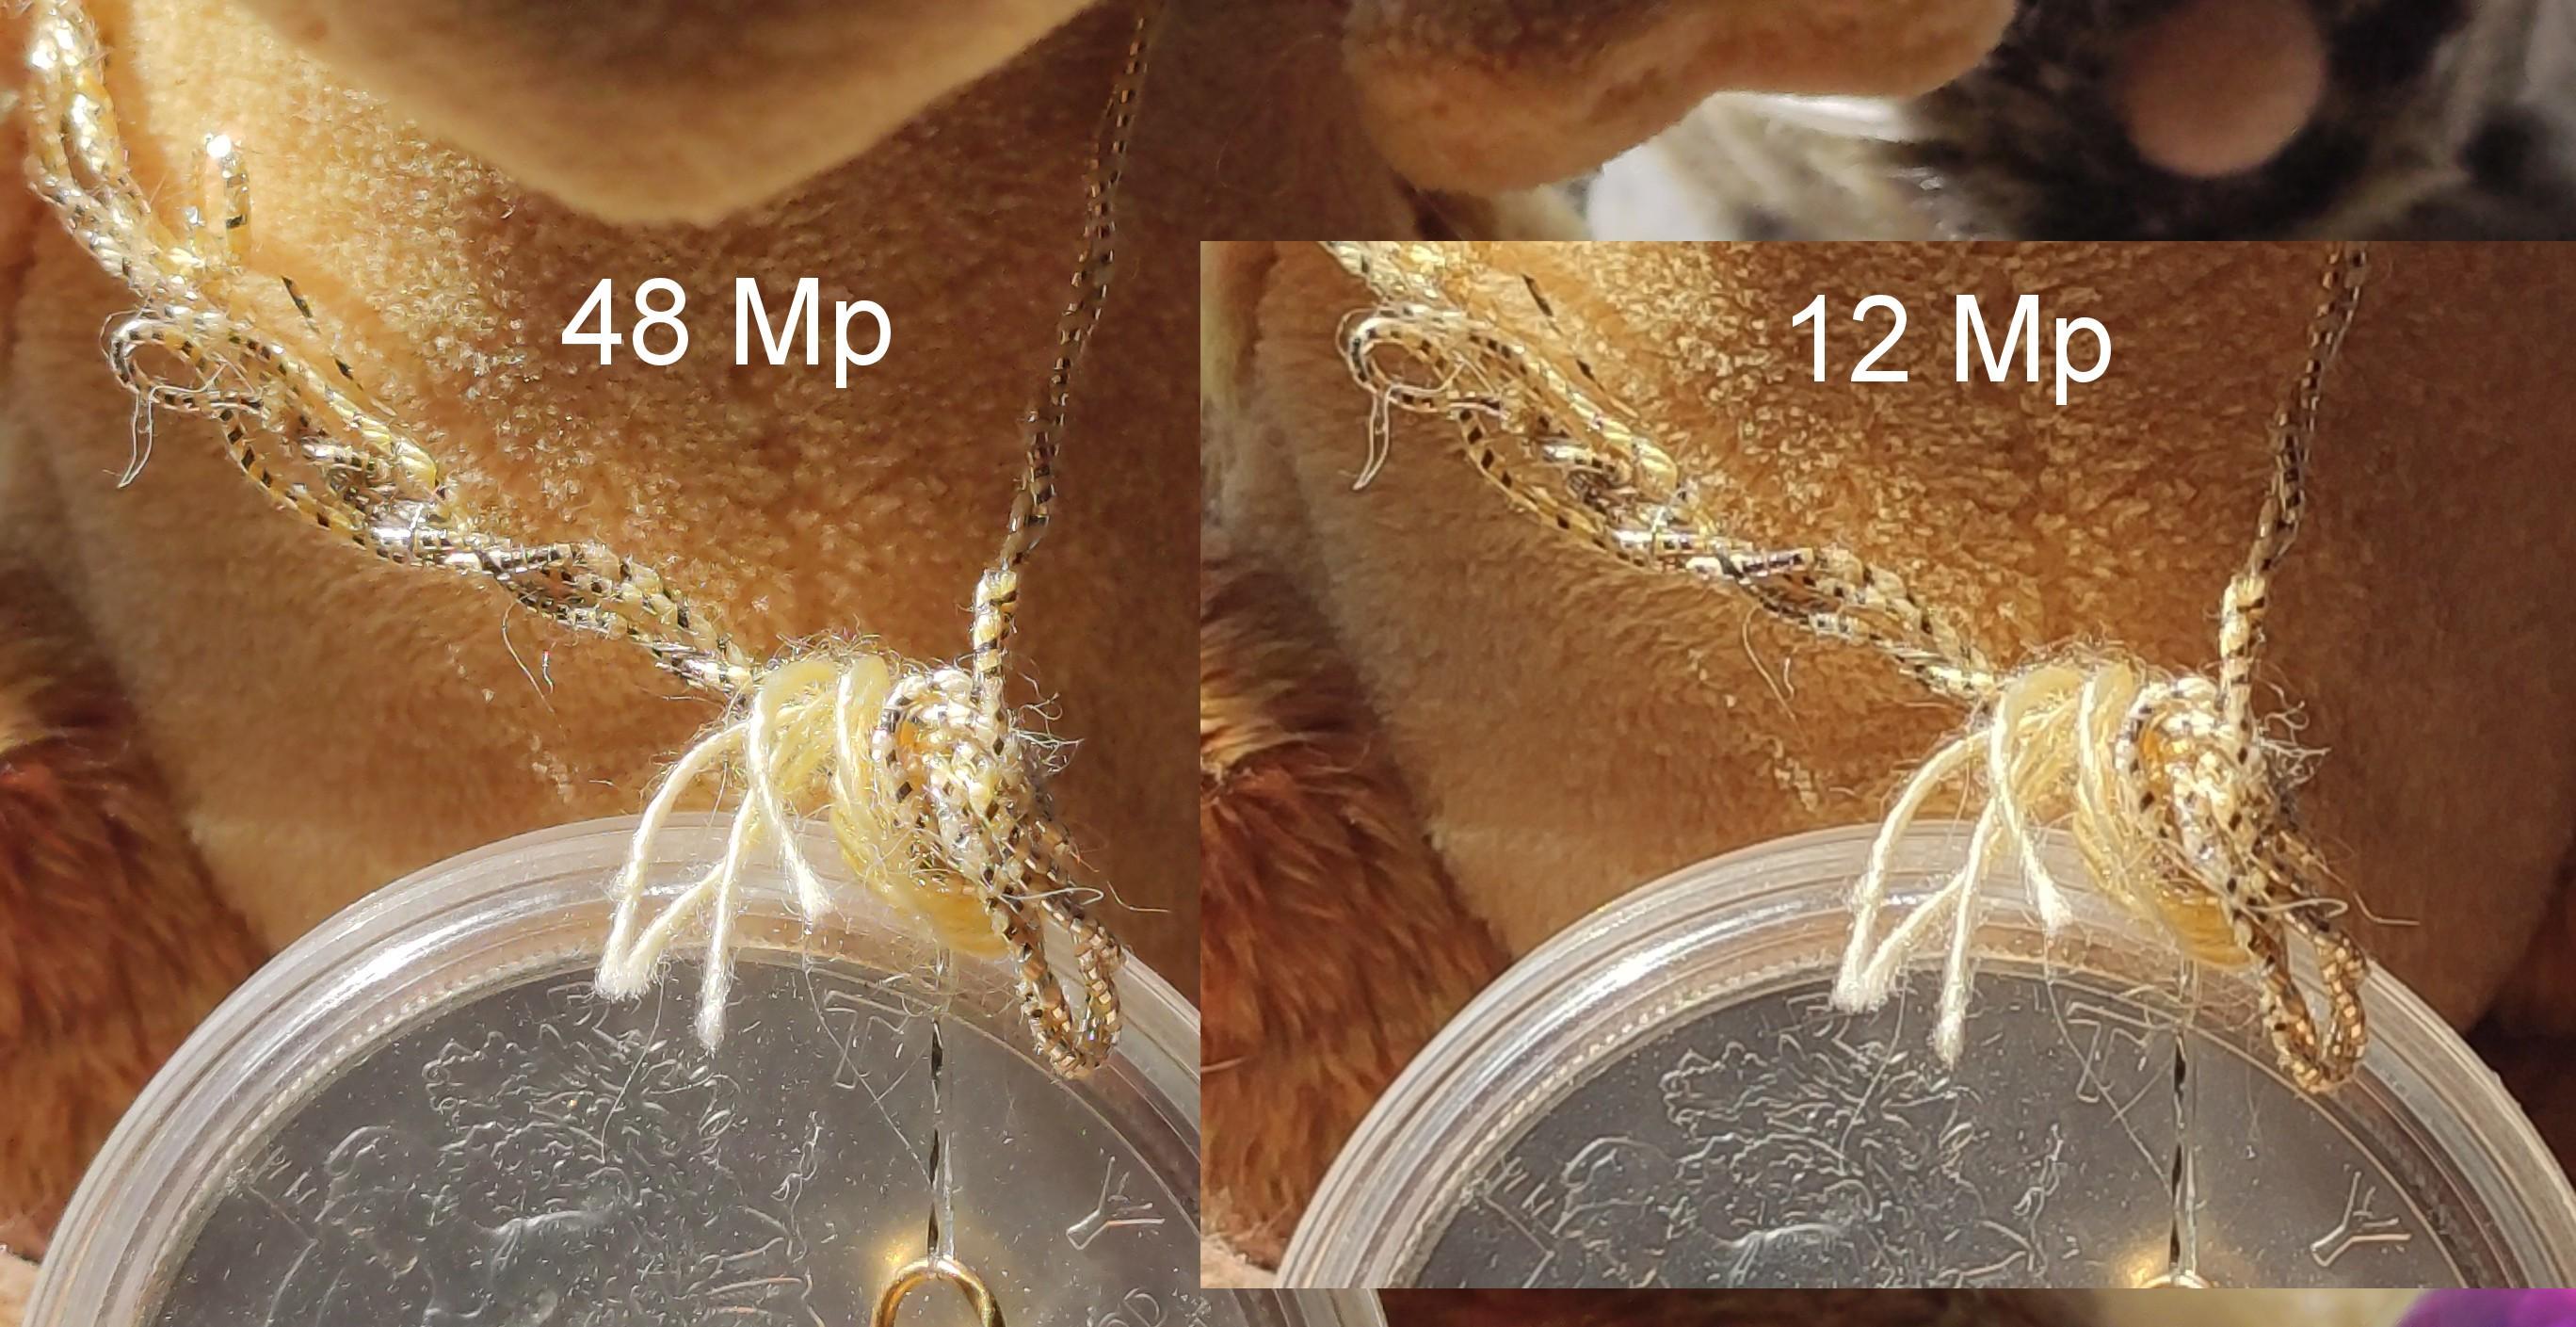 Vergleich_12_48Mp_Mi9T.jpg